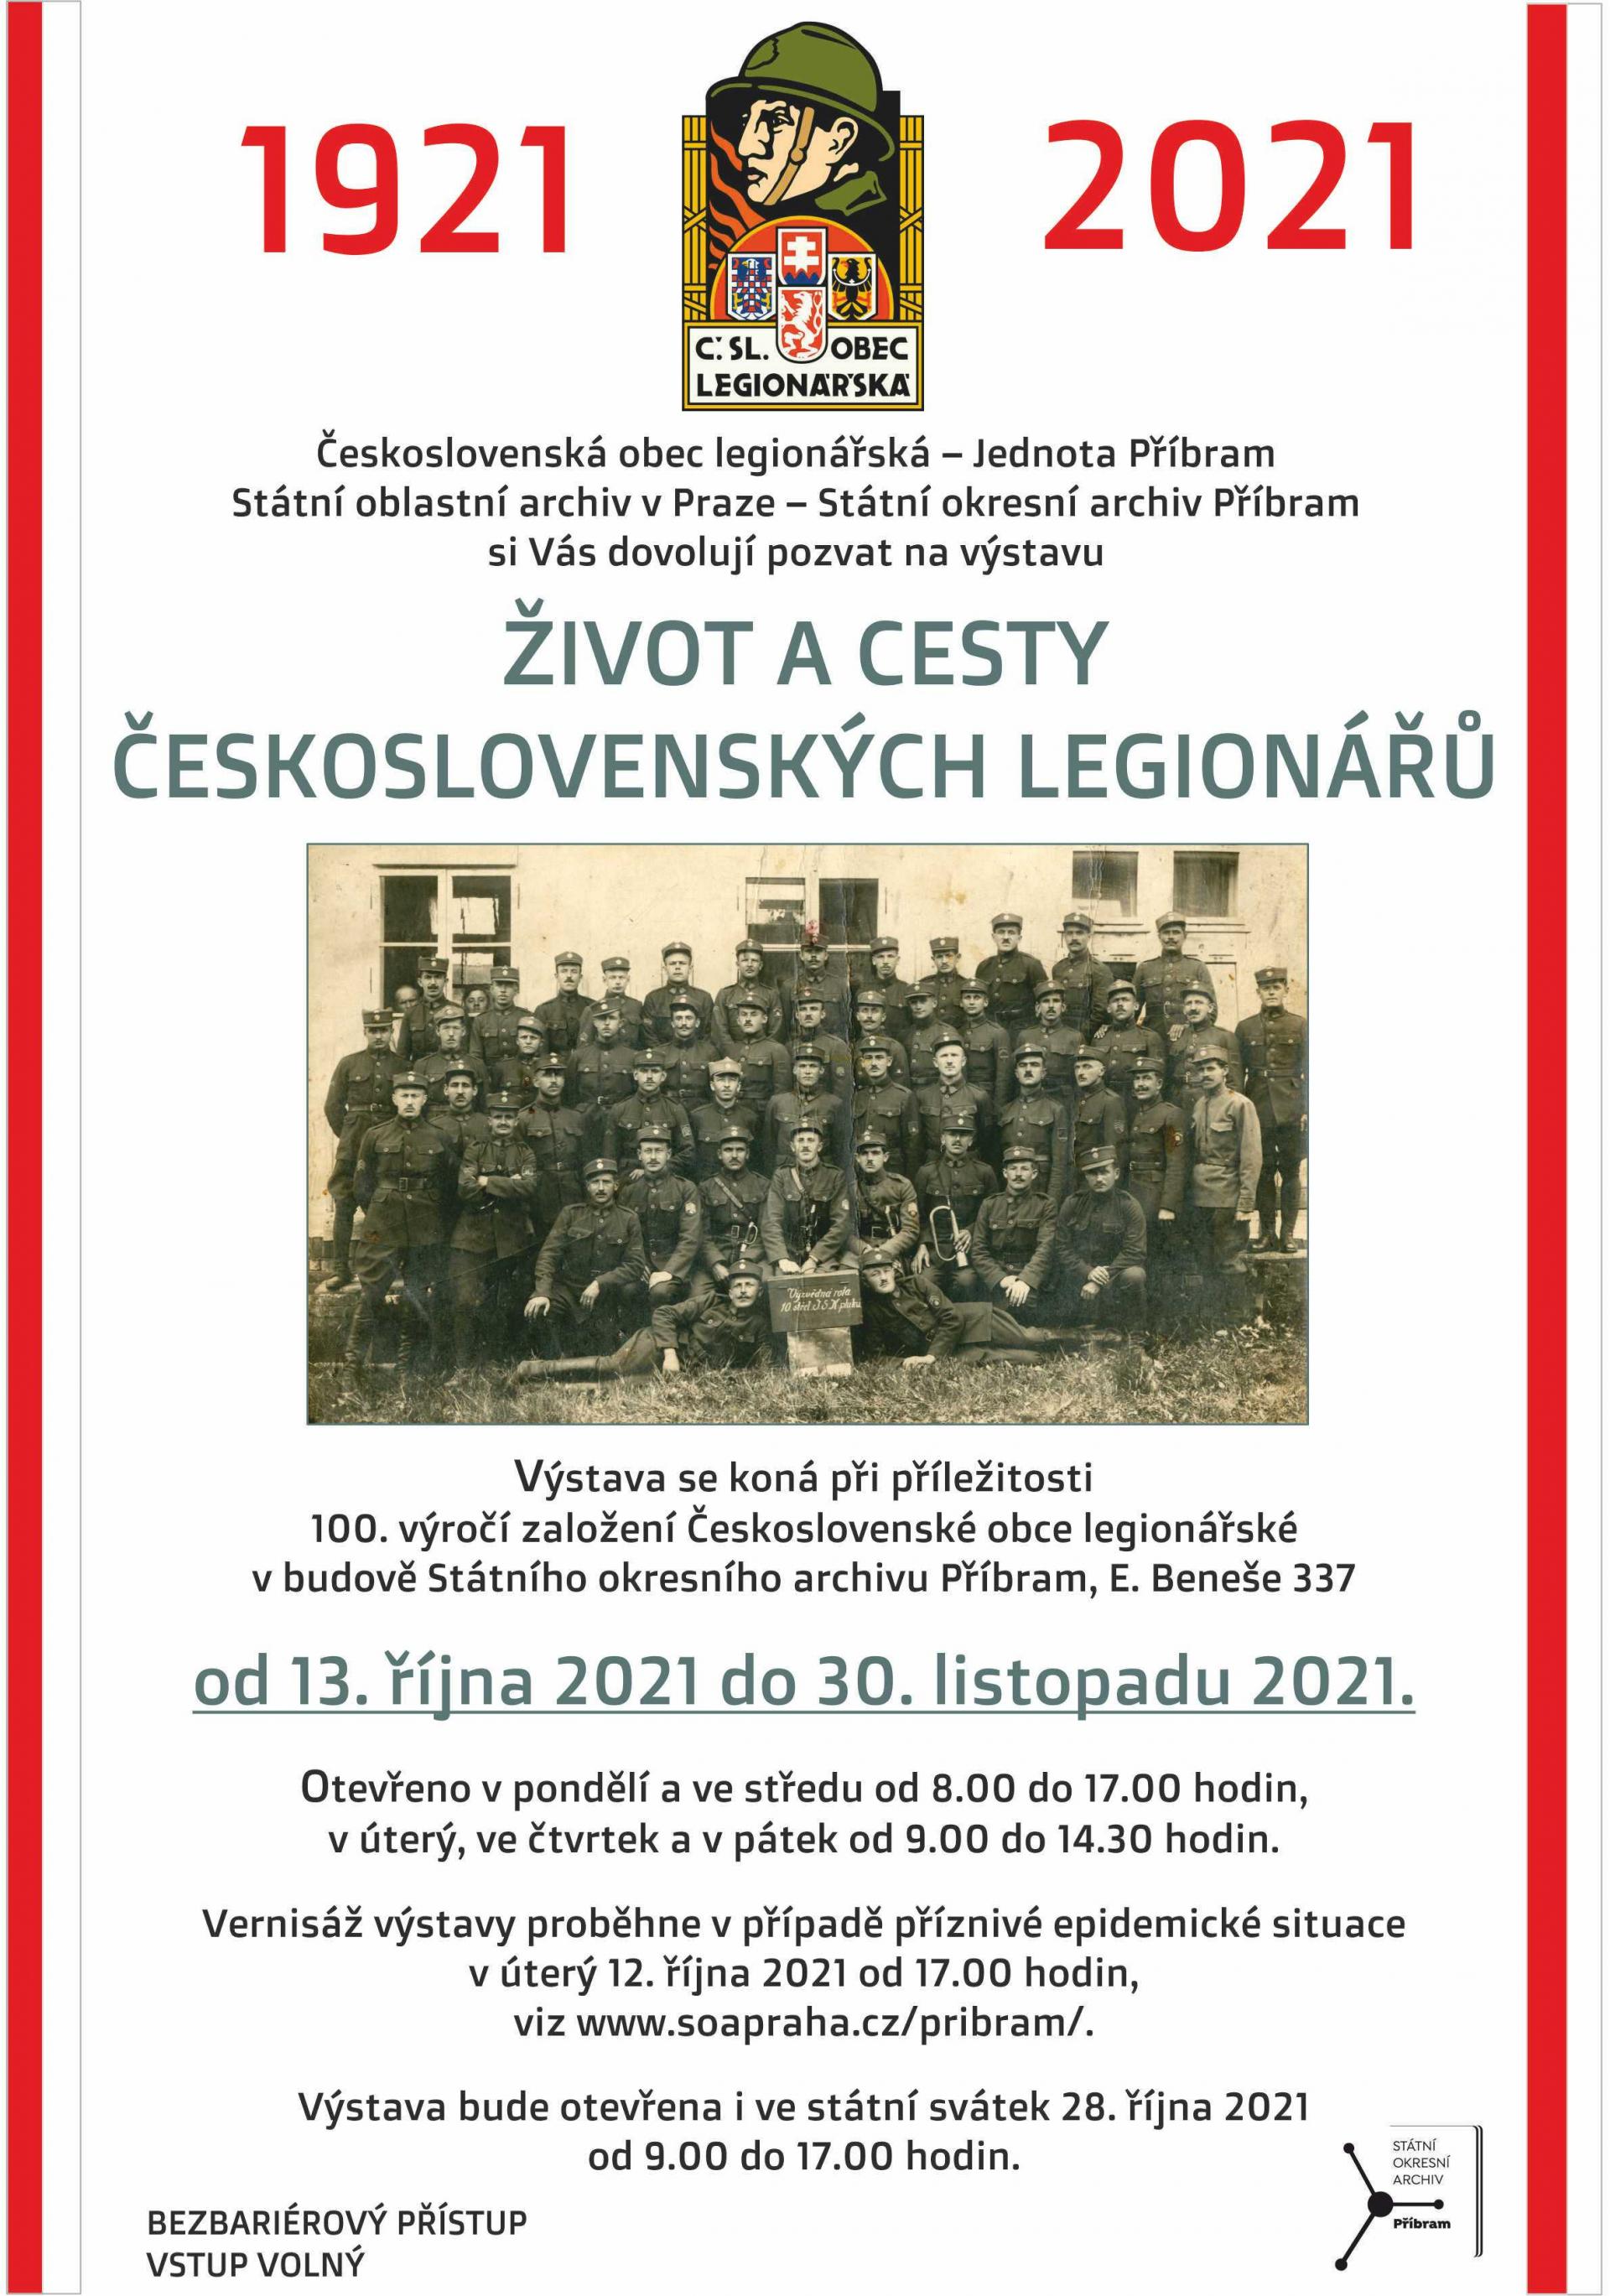 Výstava: Život a cesty československých legionářů